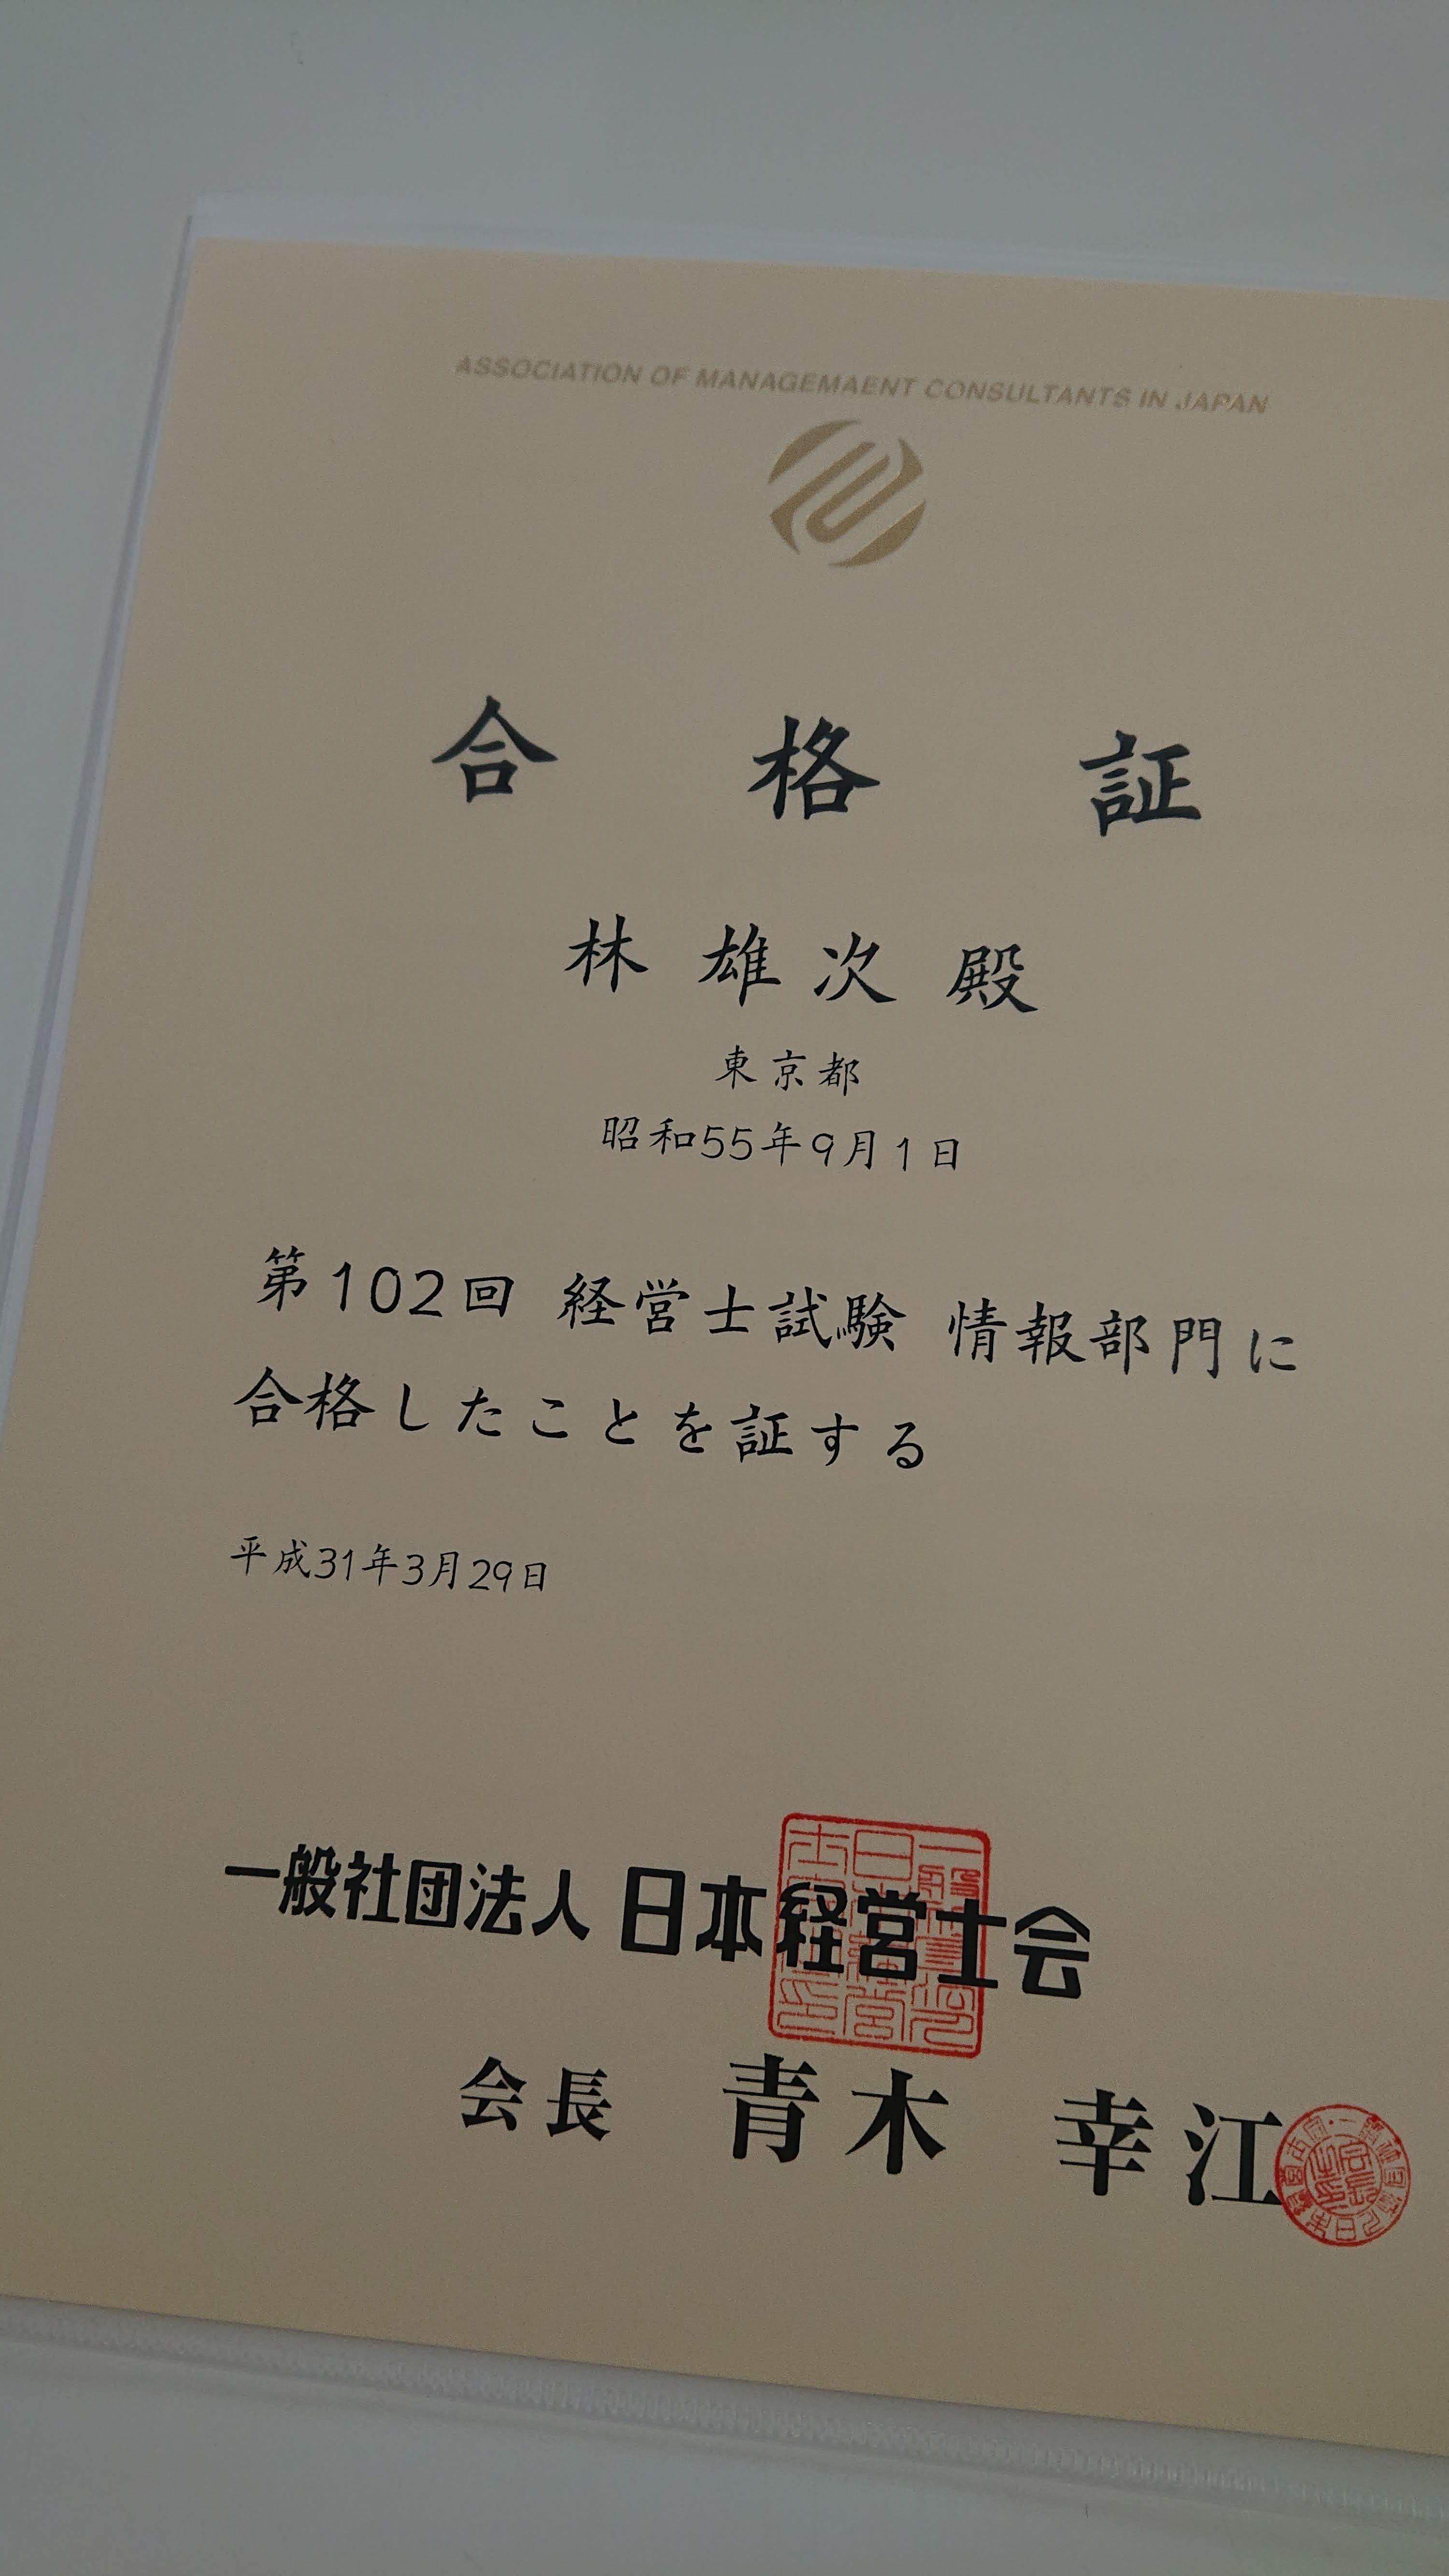 日本経営士会の「経営士」に認定されました! | はやし総合支援事務所